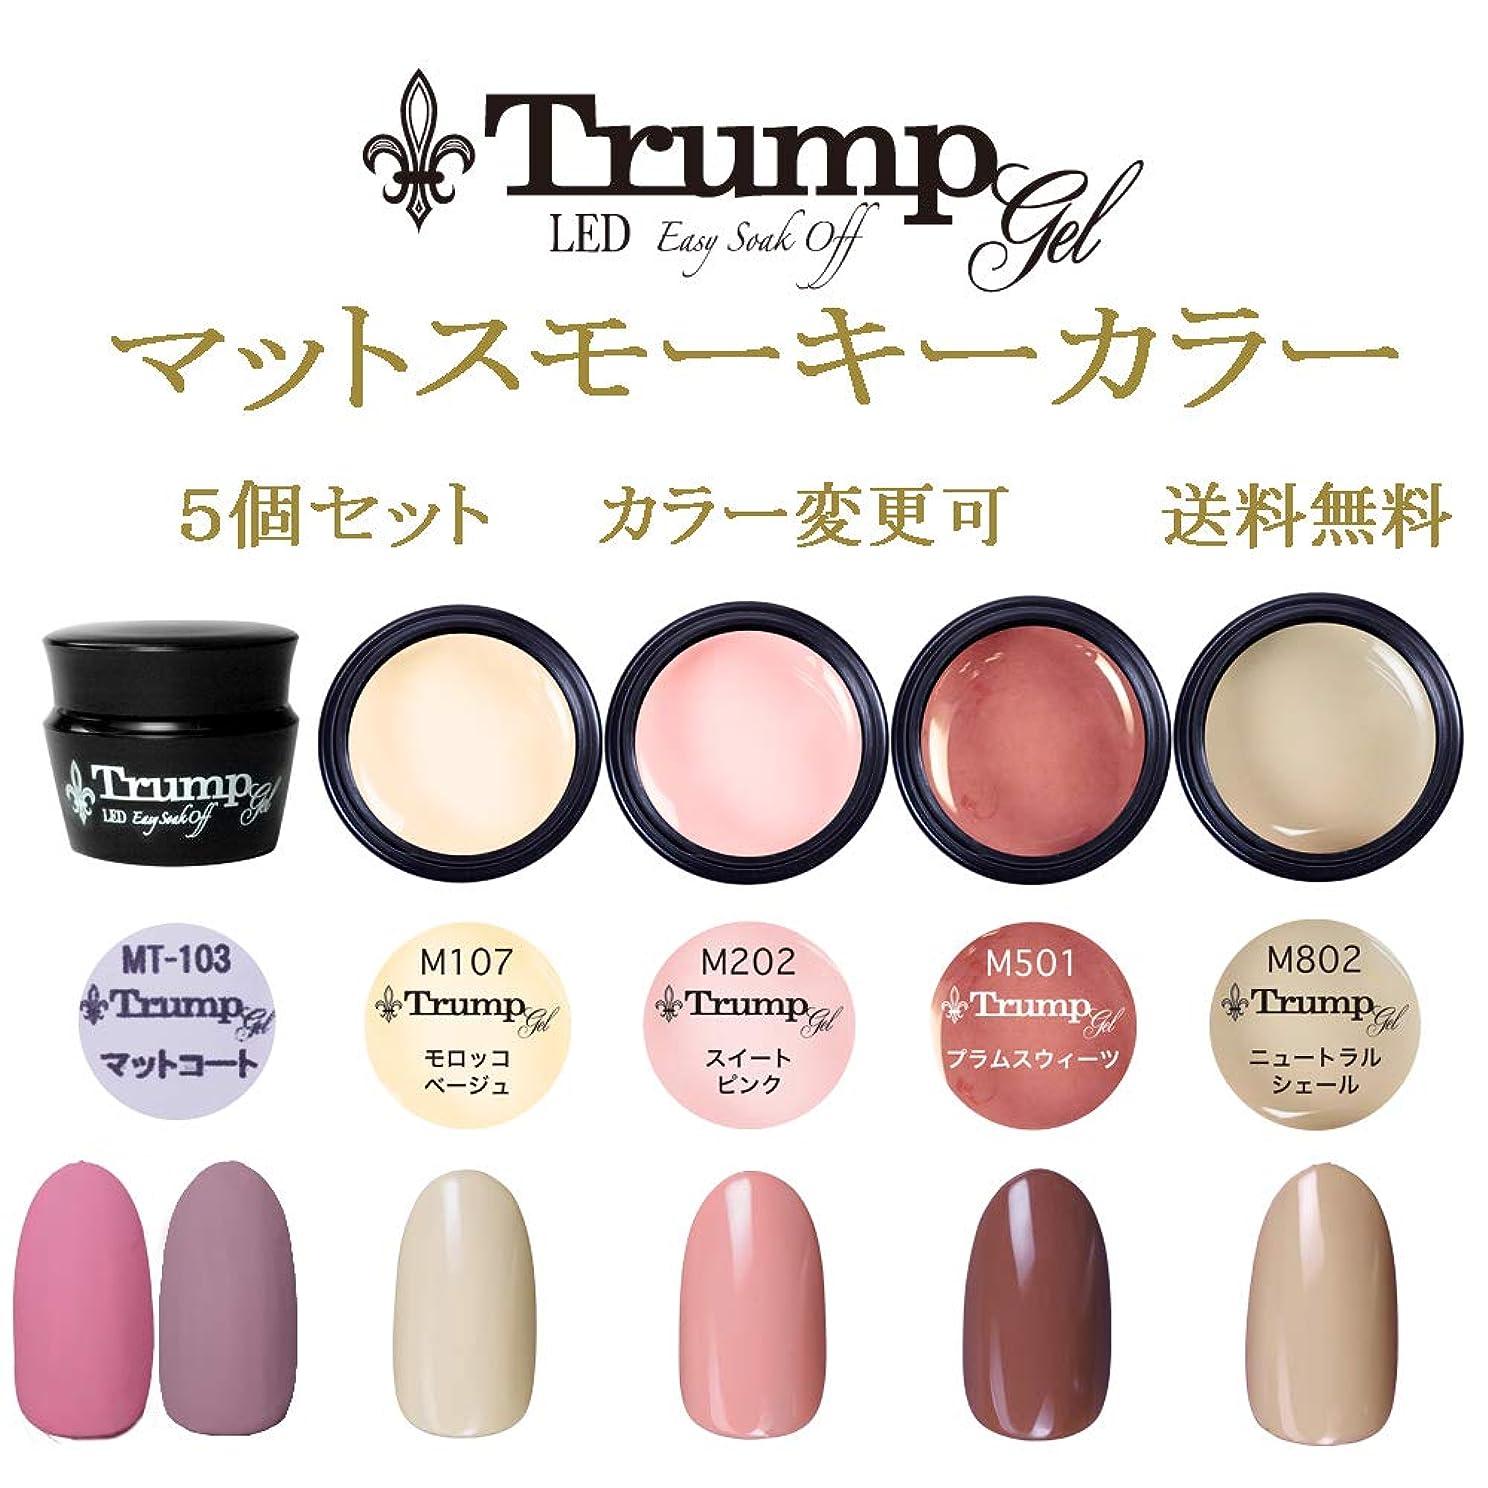 サイバースペース海嶺雲【送料無料】日本製 Trump gel トランプジェル マットスモーキー カラージェル 5個セット 魅惑のフロストマットトップとマットに合う人気カラーをチョイス